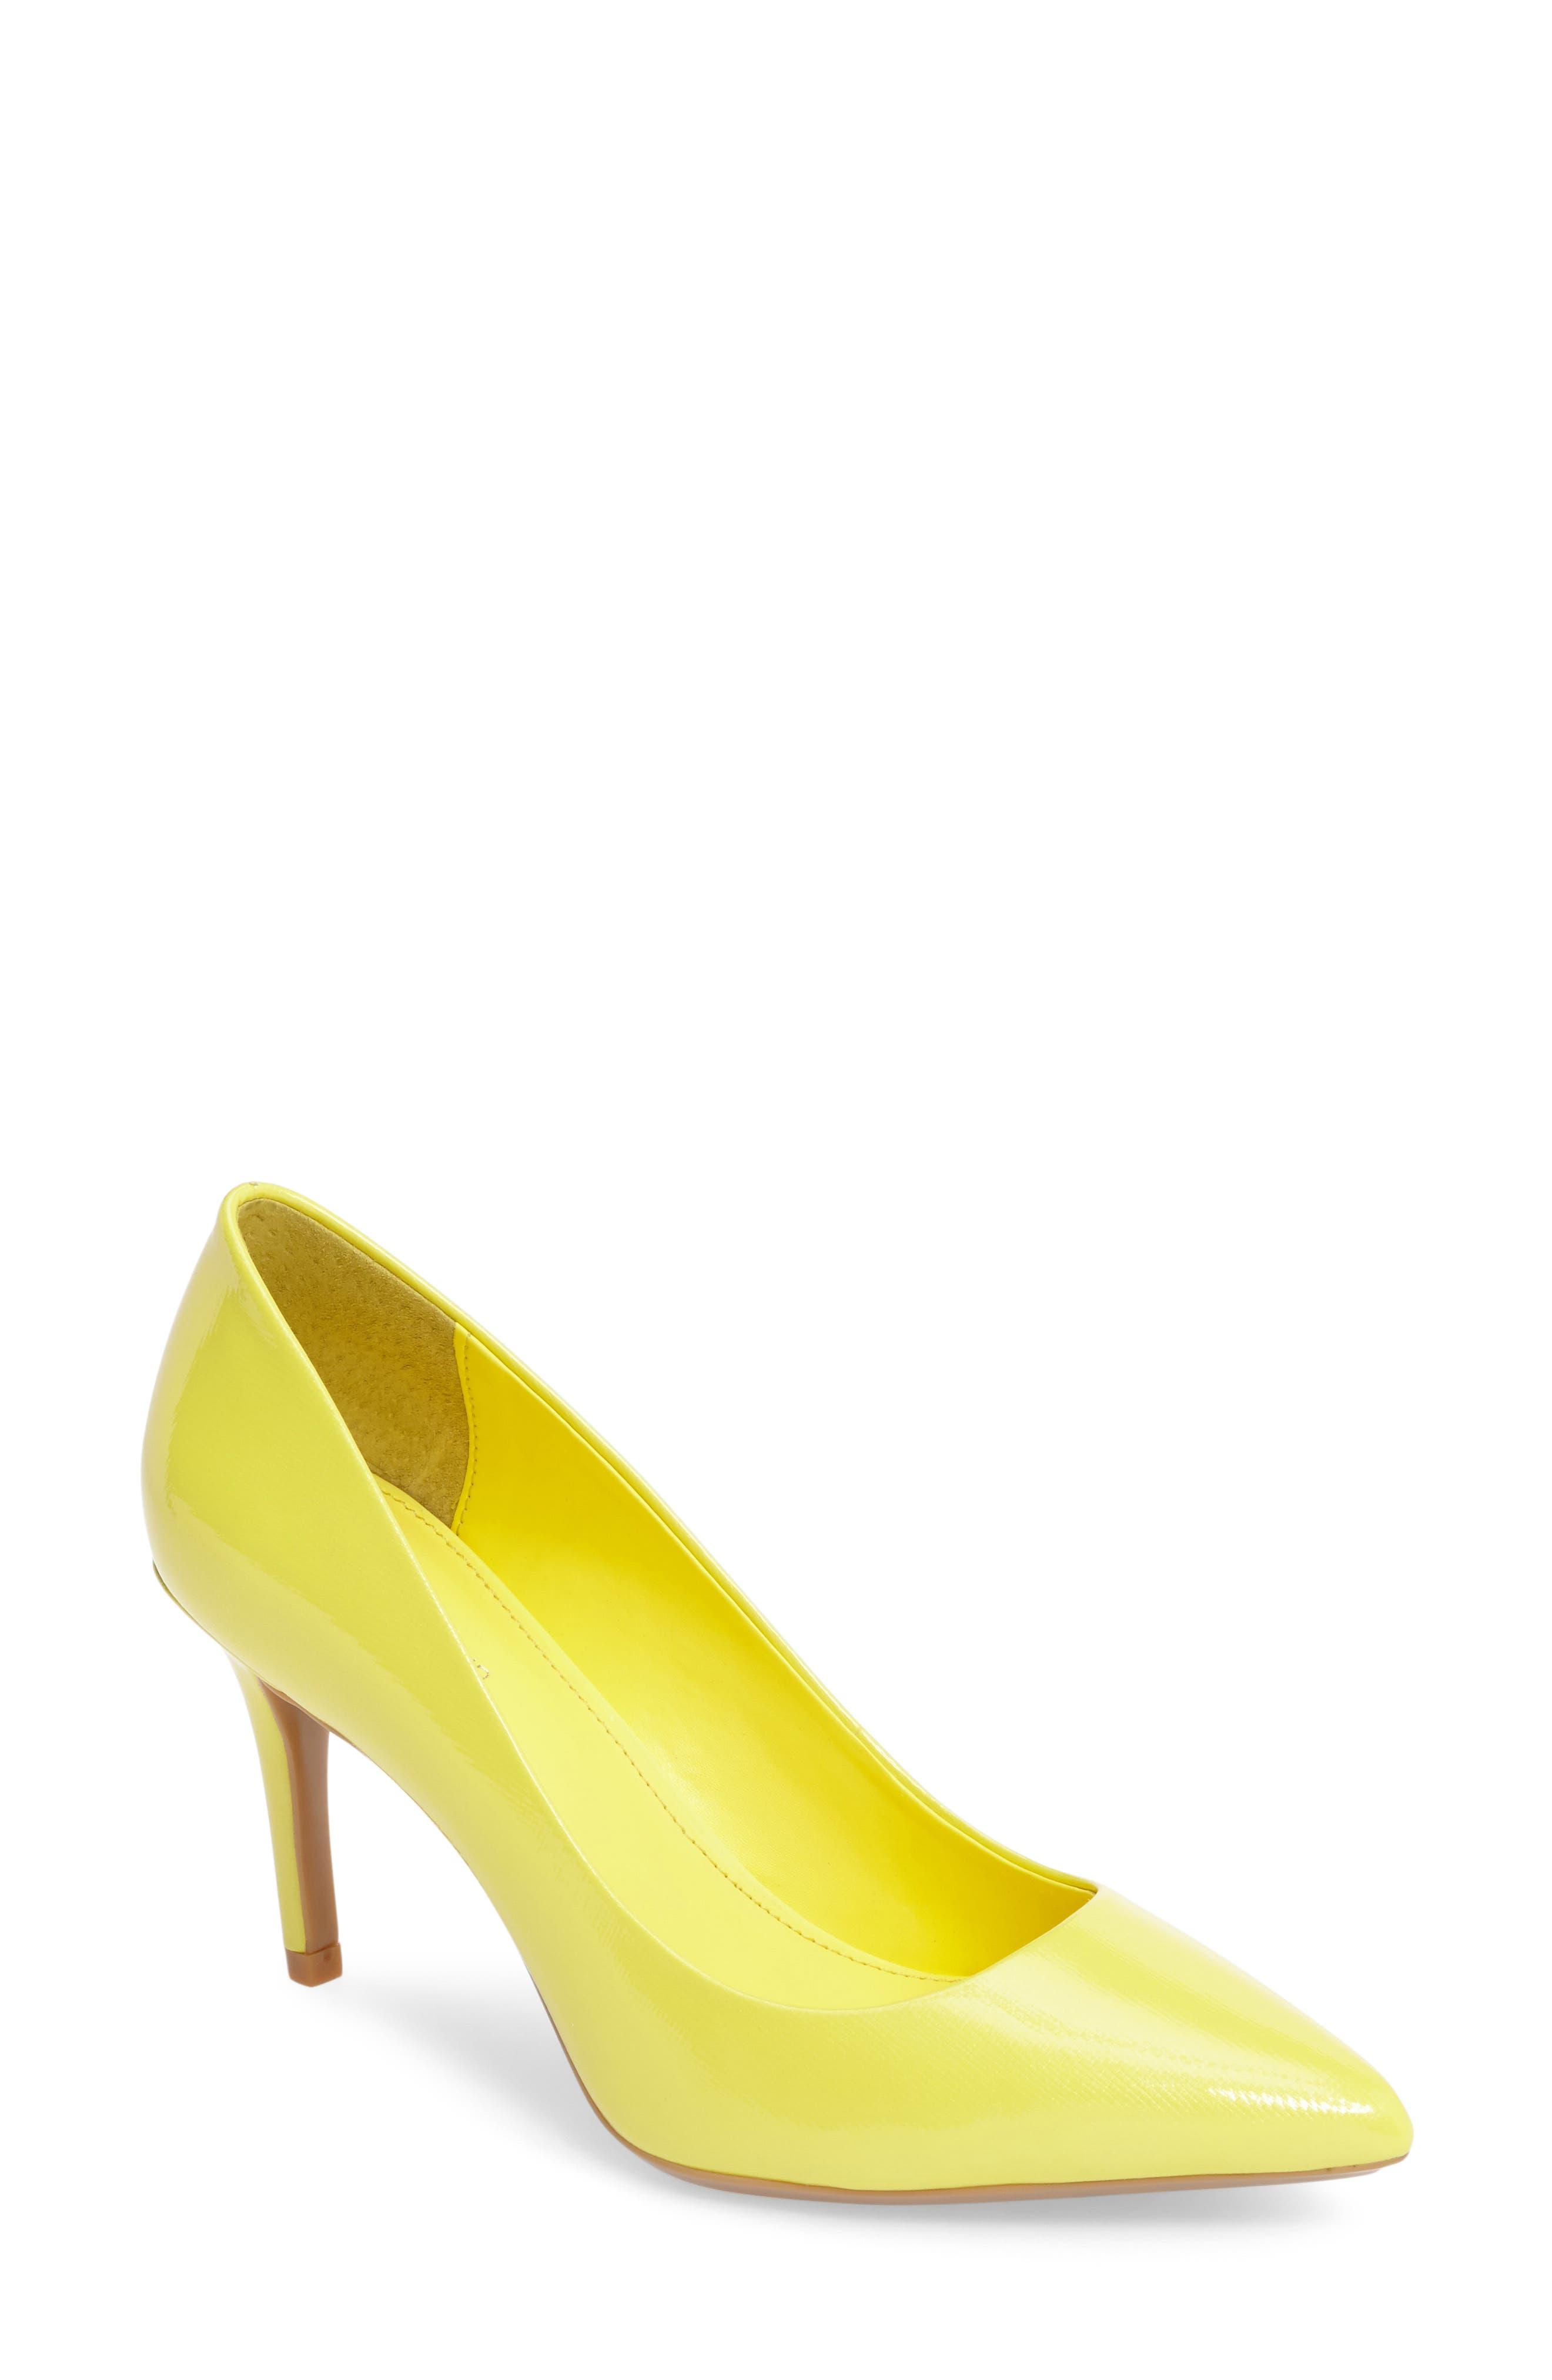 Women's Yellow Pumps   Nordstrom